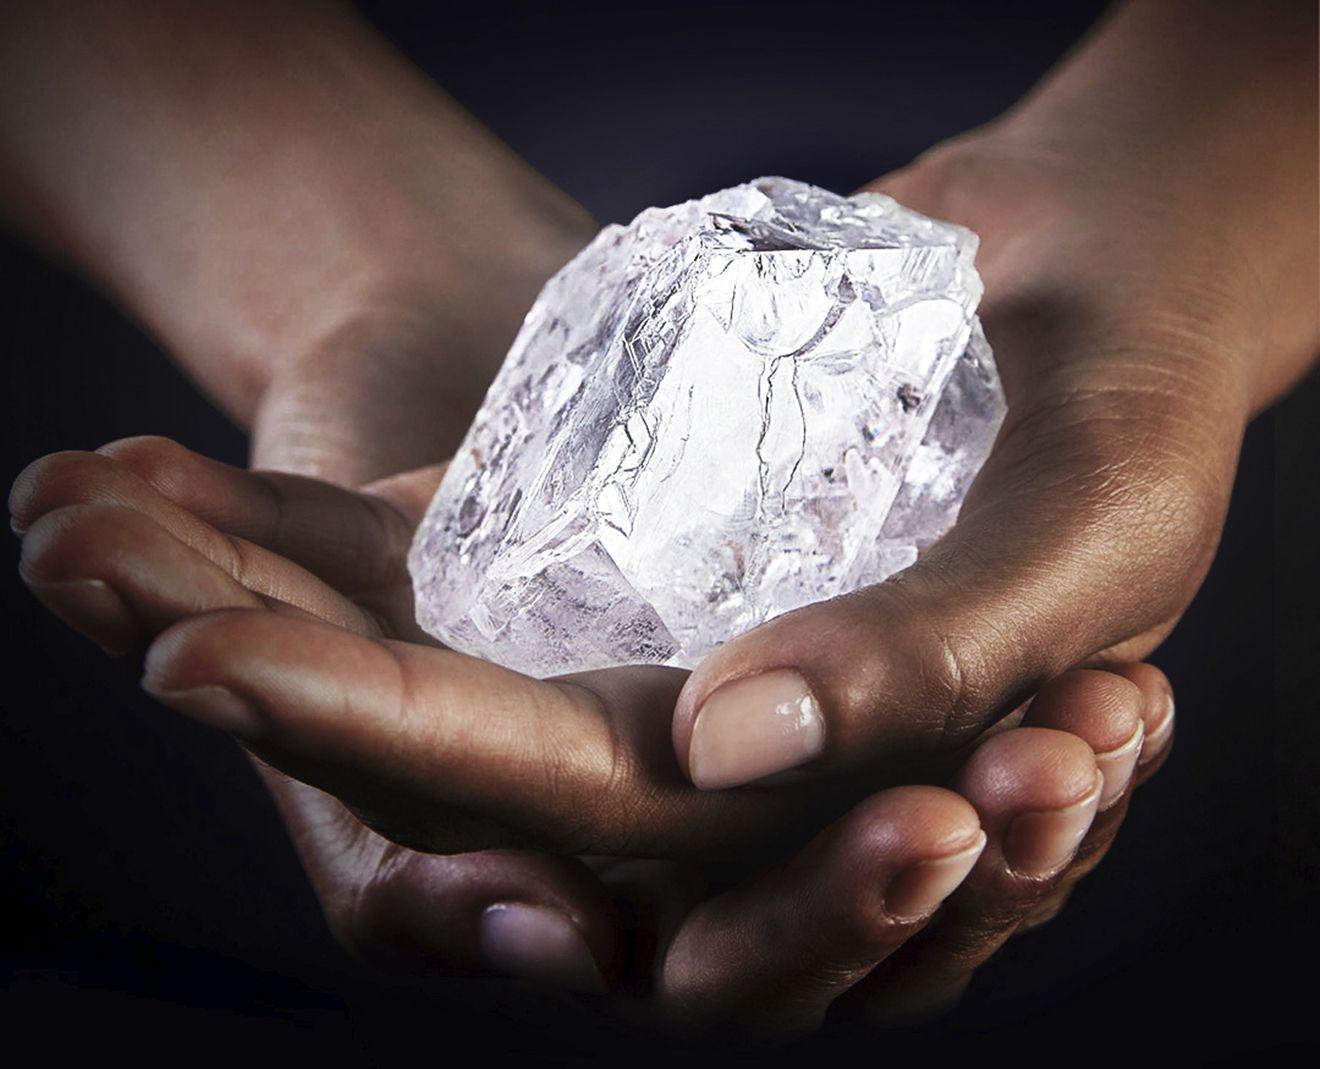 巨鑽落誰家!?GRAFF 以約16億台幣收購1,109克拉巨鑽原石